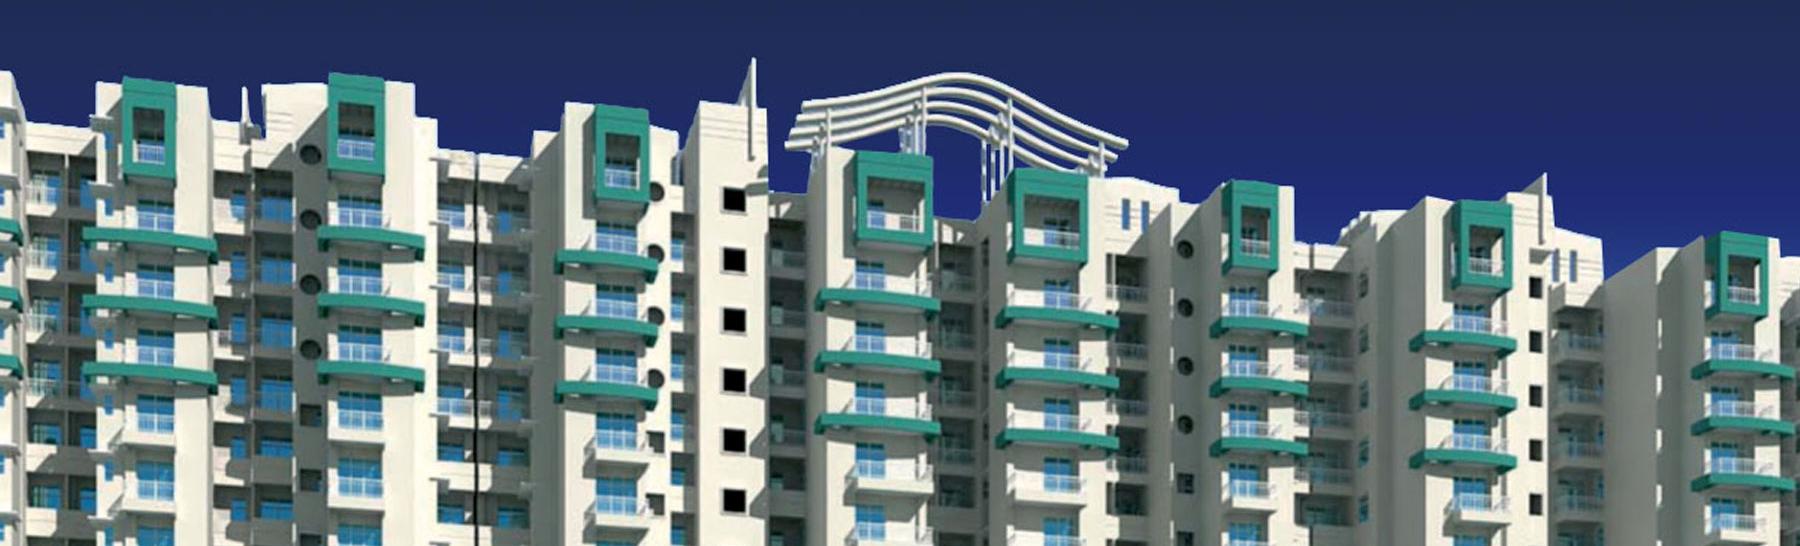 Supertech Eco Village 1 Greater Noida